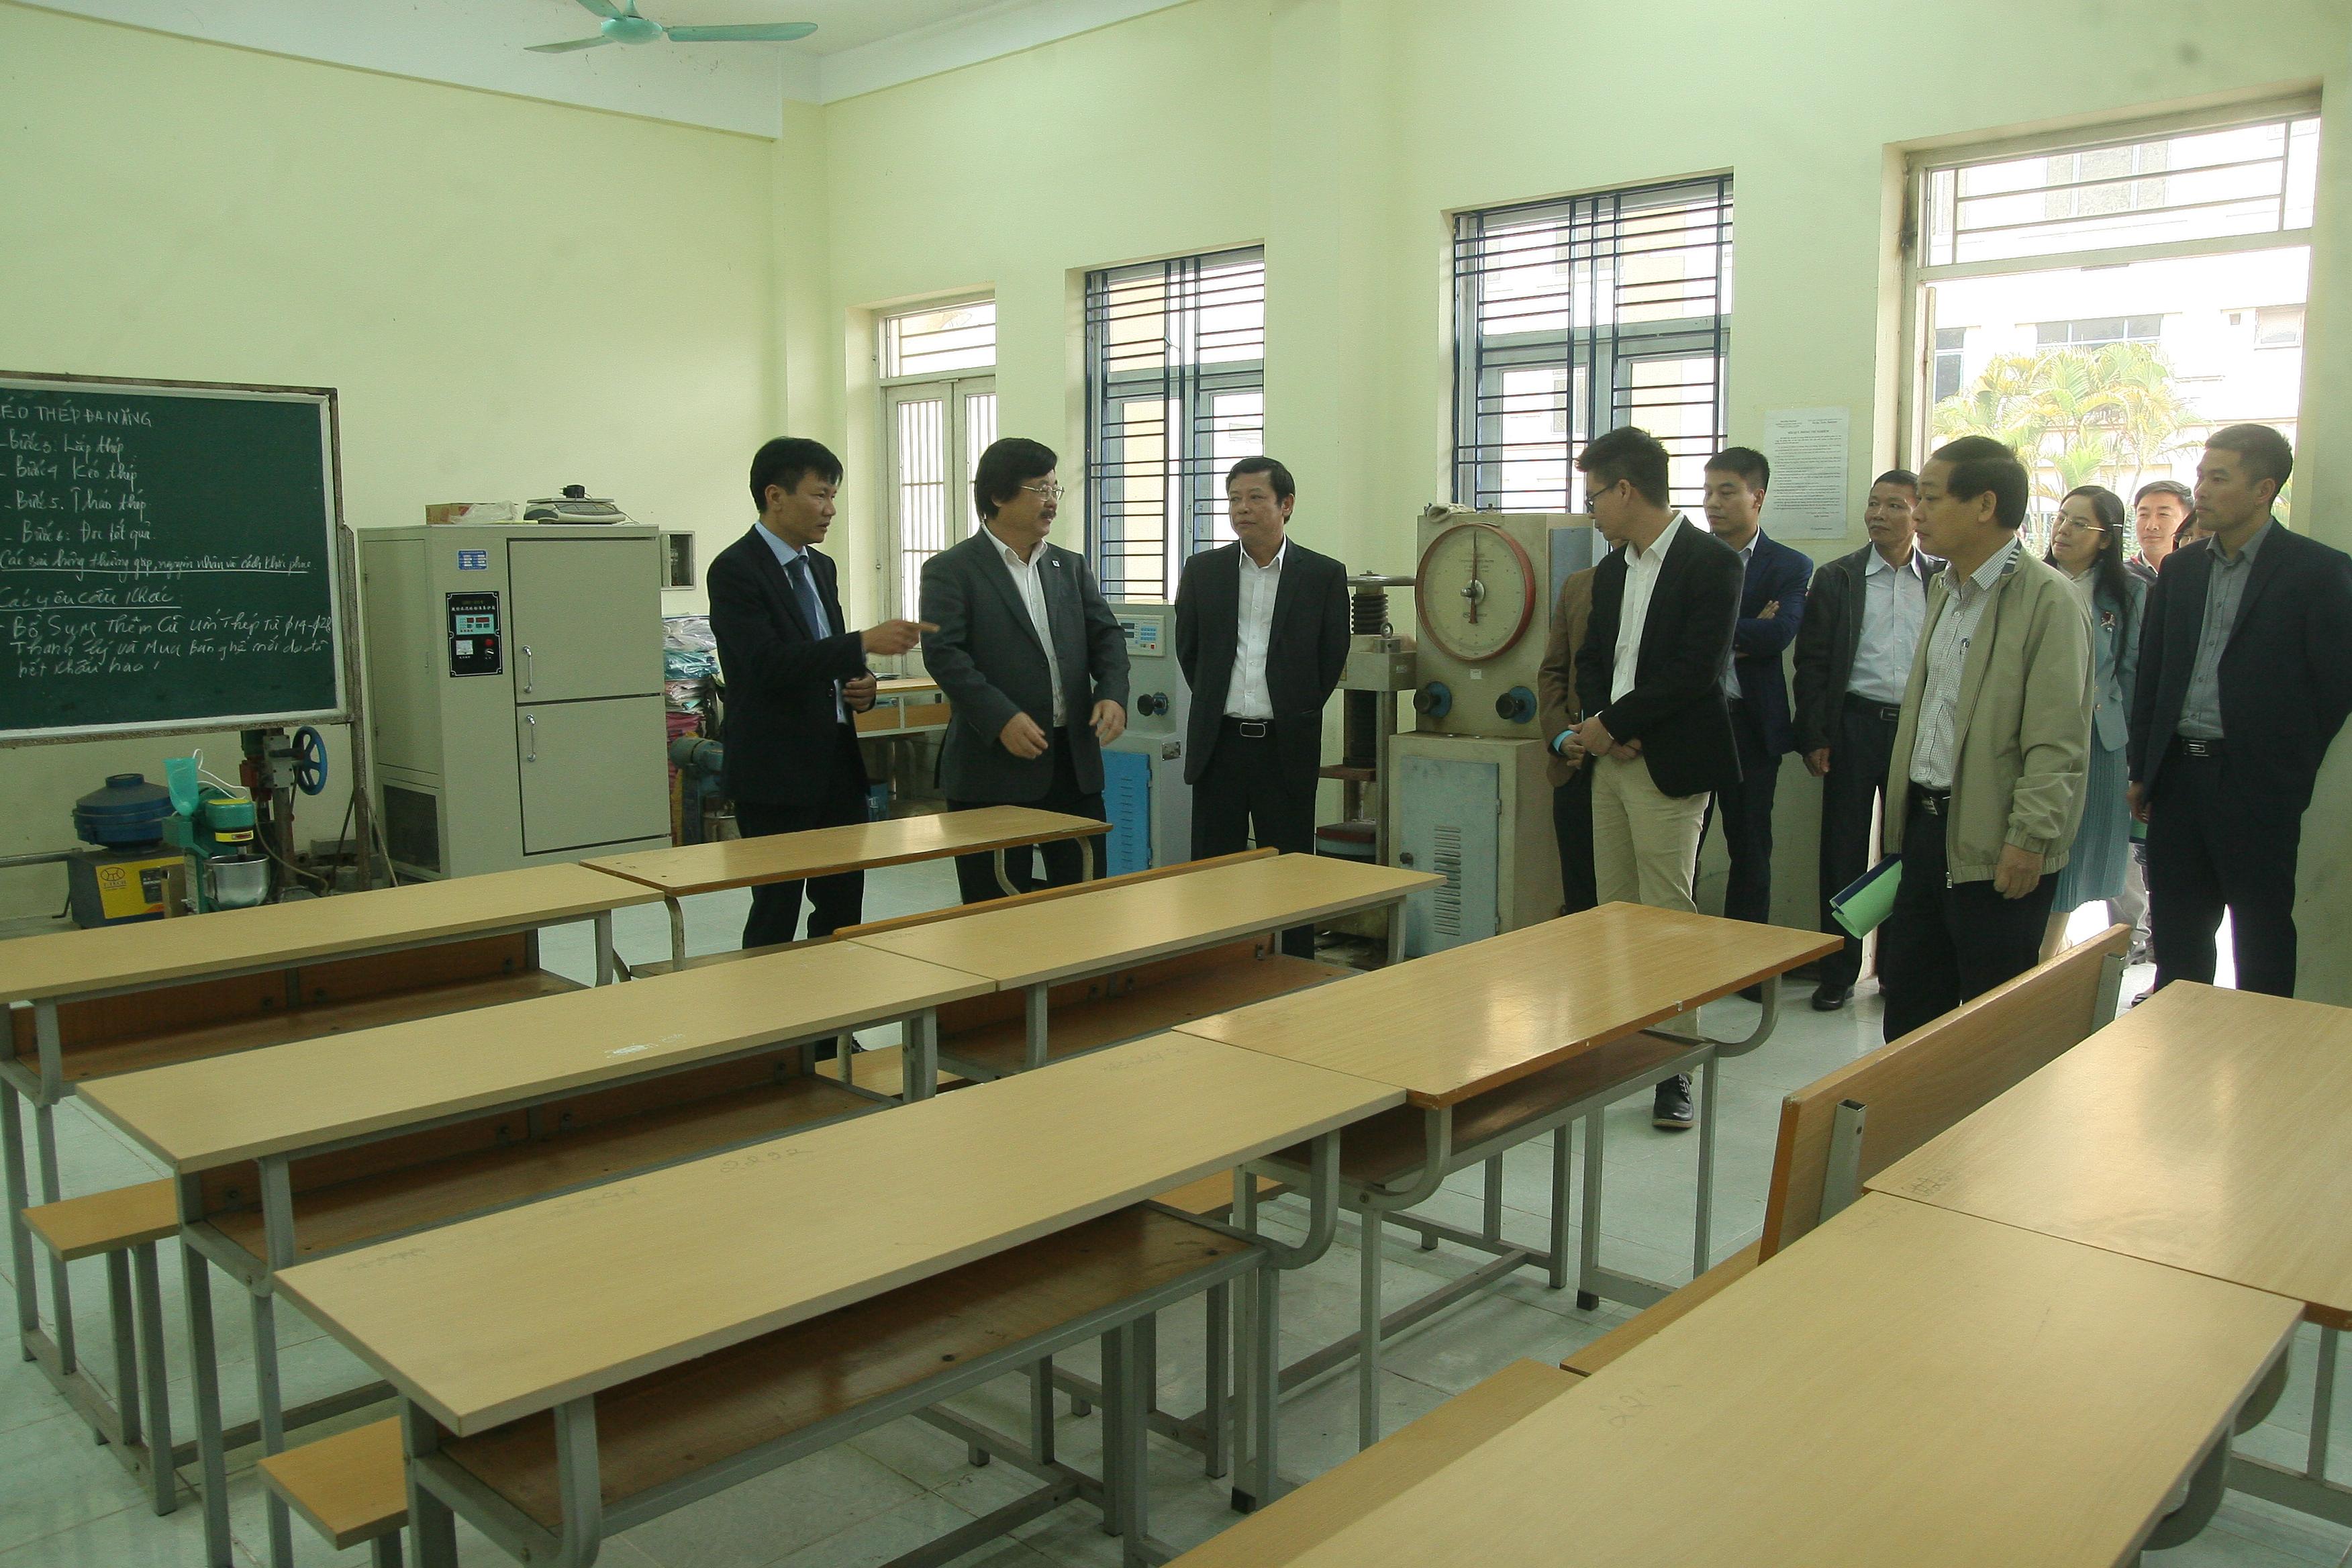 Đoàn công tác thăm quan một phòng thực hành khoa xây dựng của nhà trường.